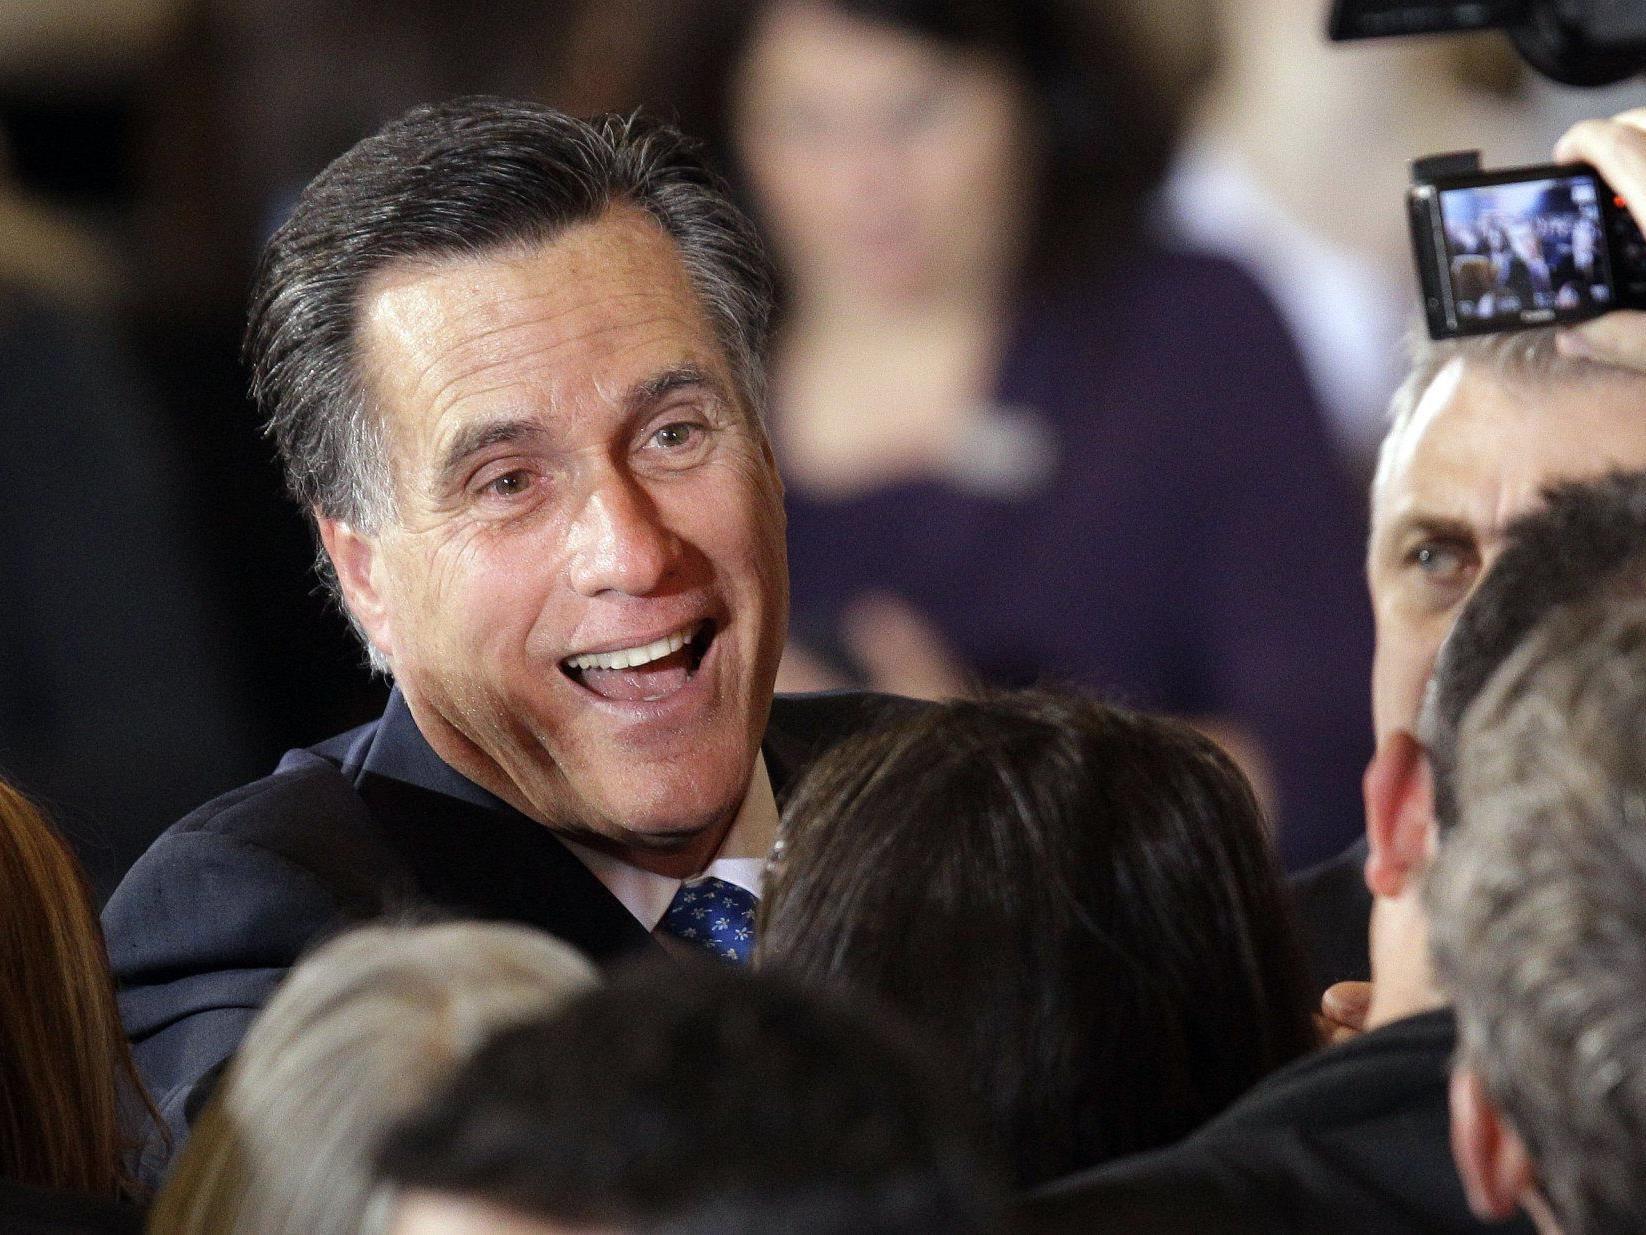 Romney gilt als großer Favorit der Republikaner